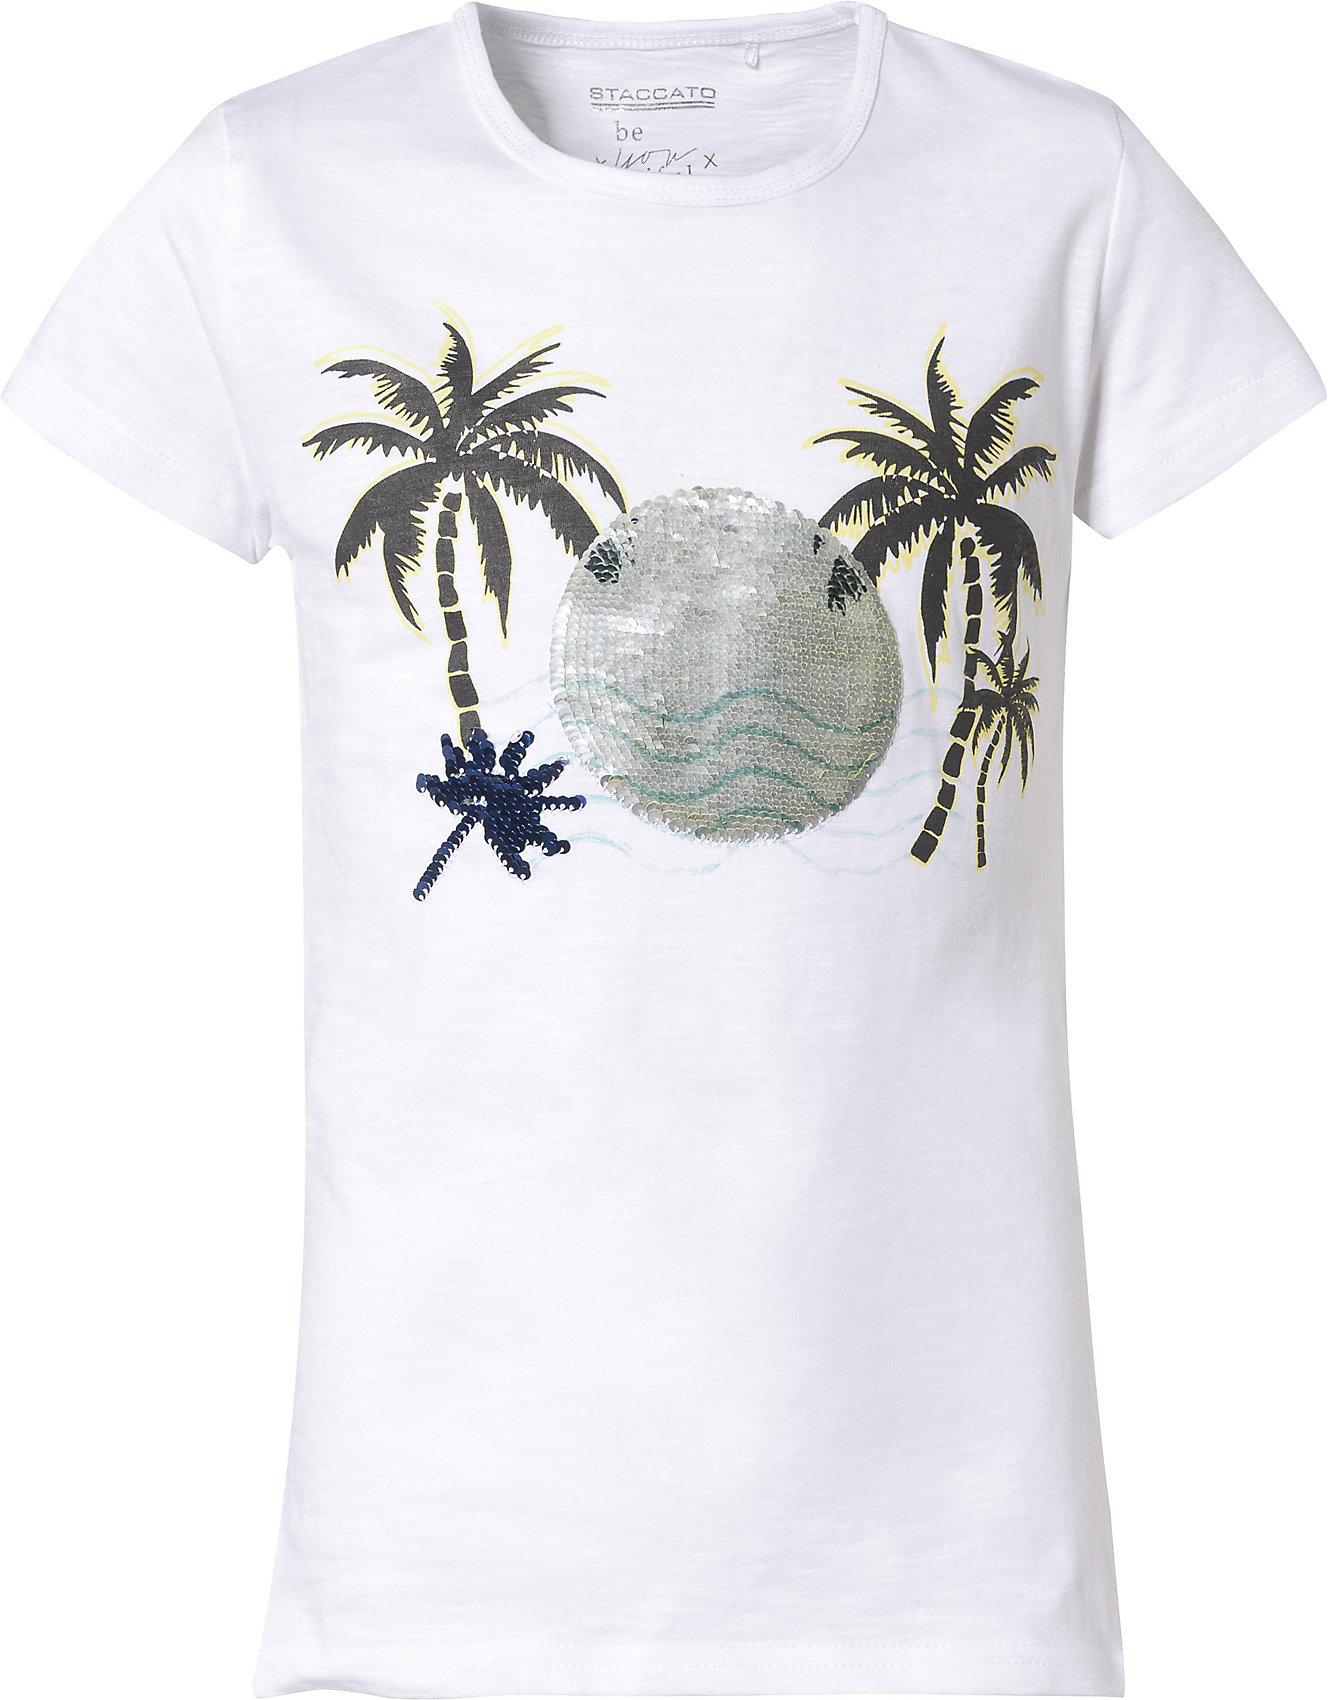 Neu STACCATO T-Shirt für Mädchen 10492961 für Mädchen weiß